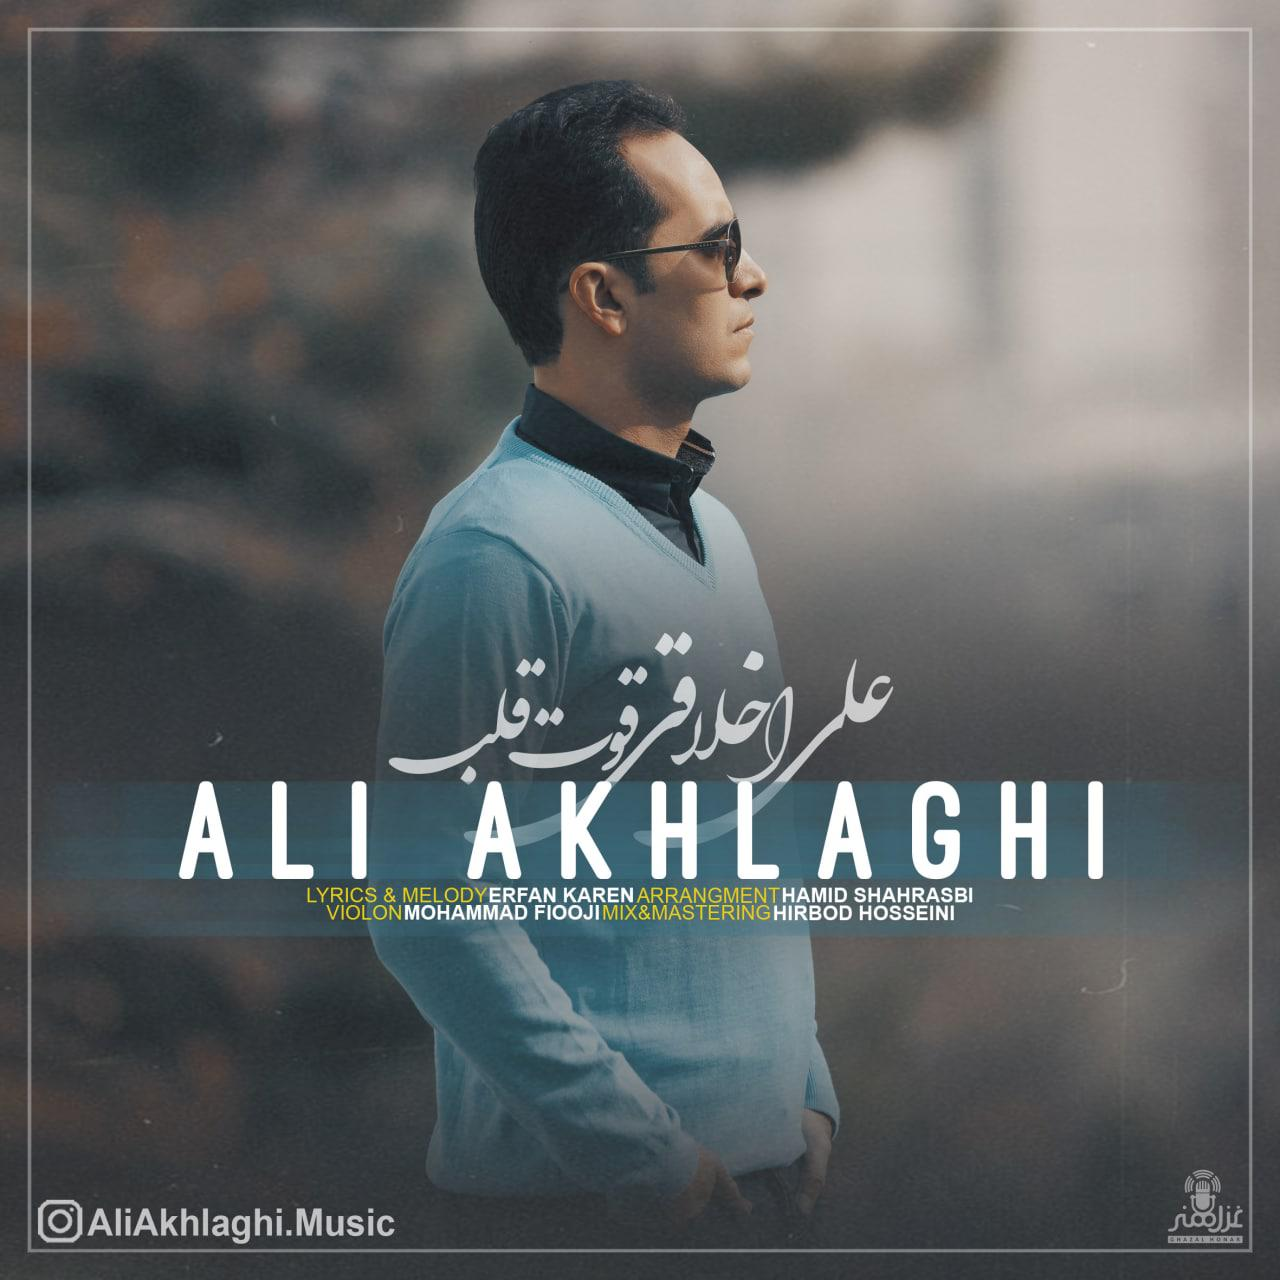 Ali Akhlaghi – Ghovate Ghalb